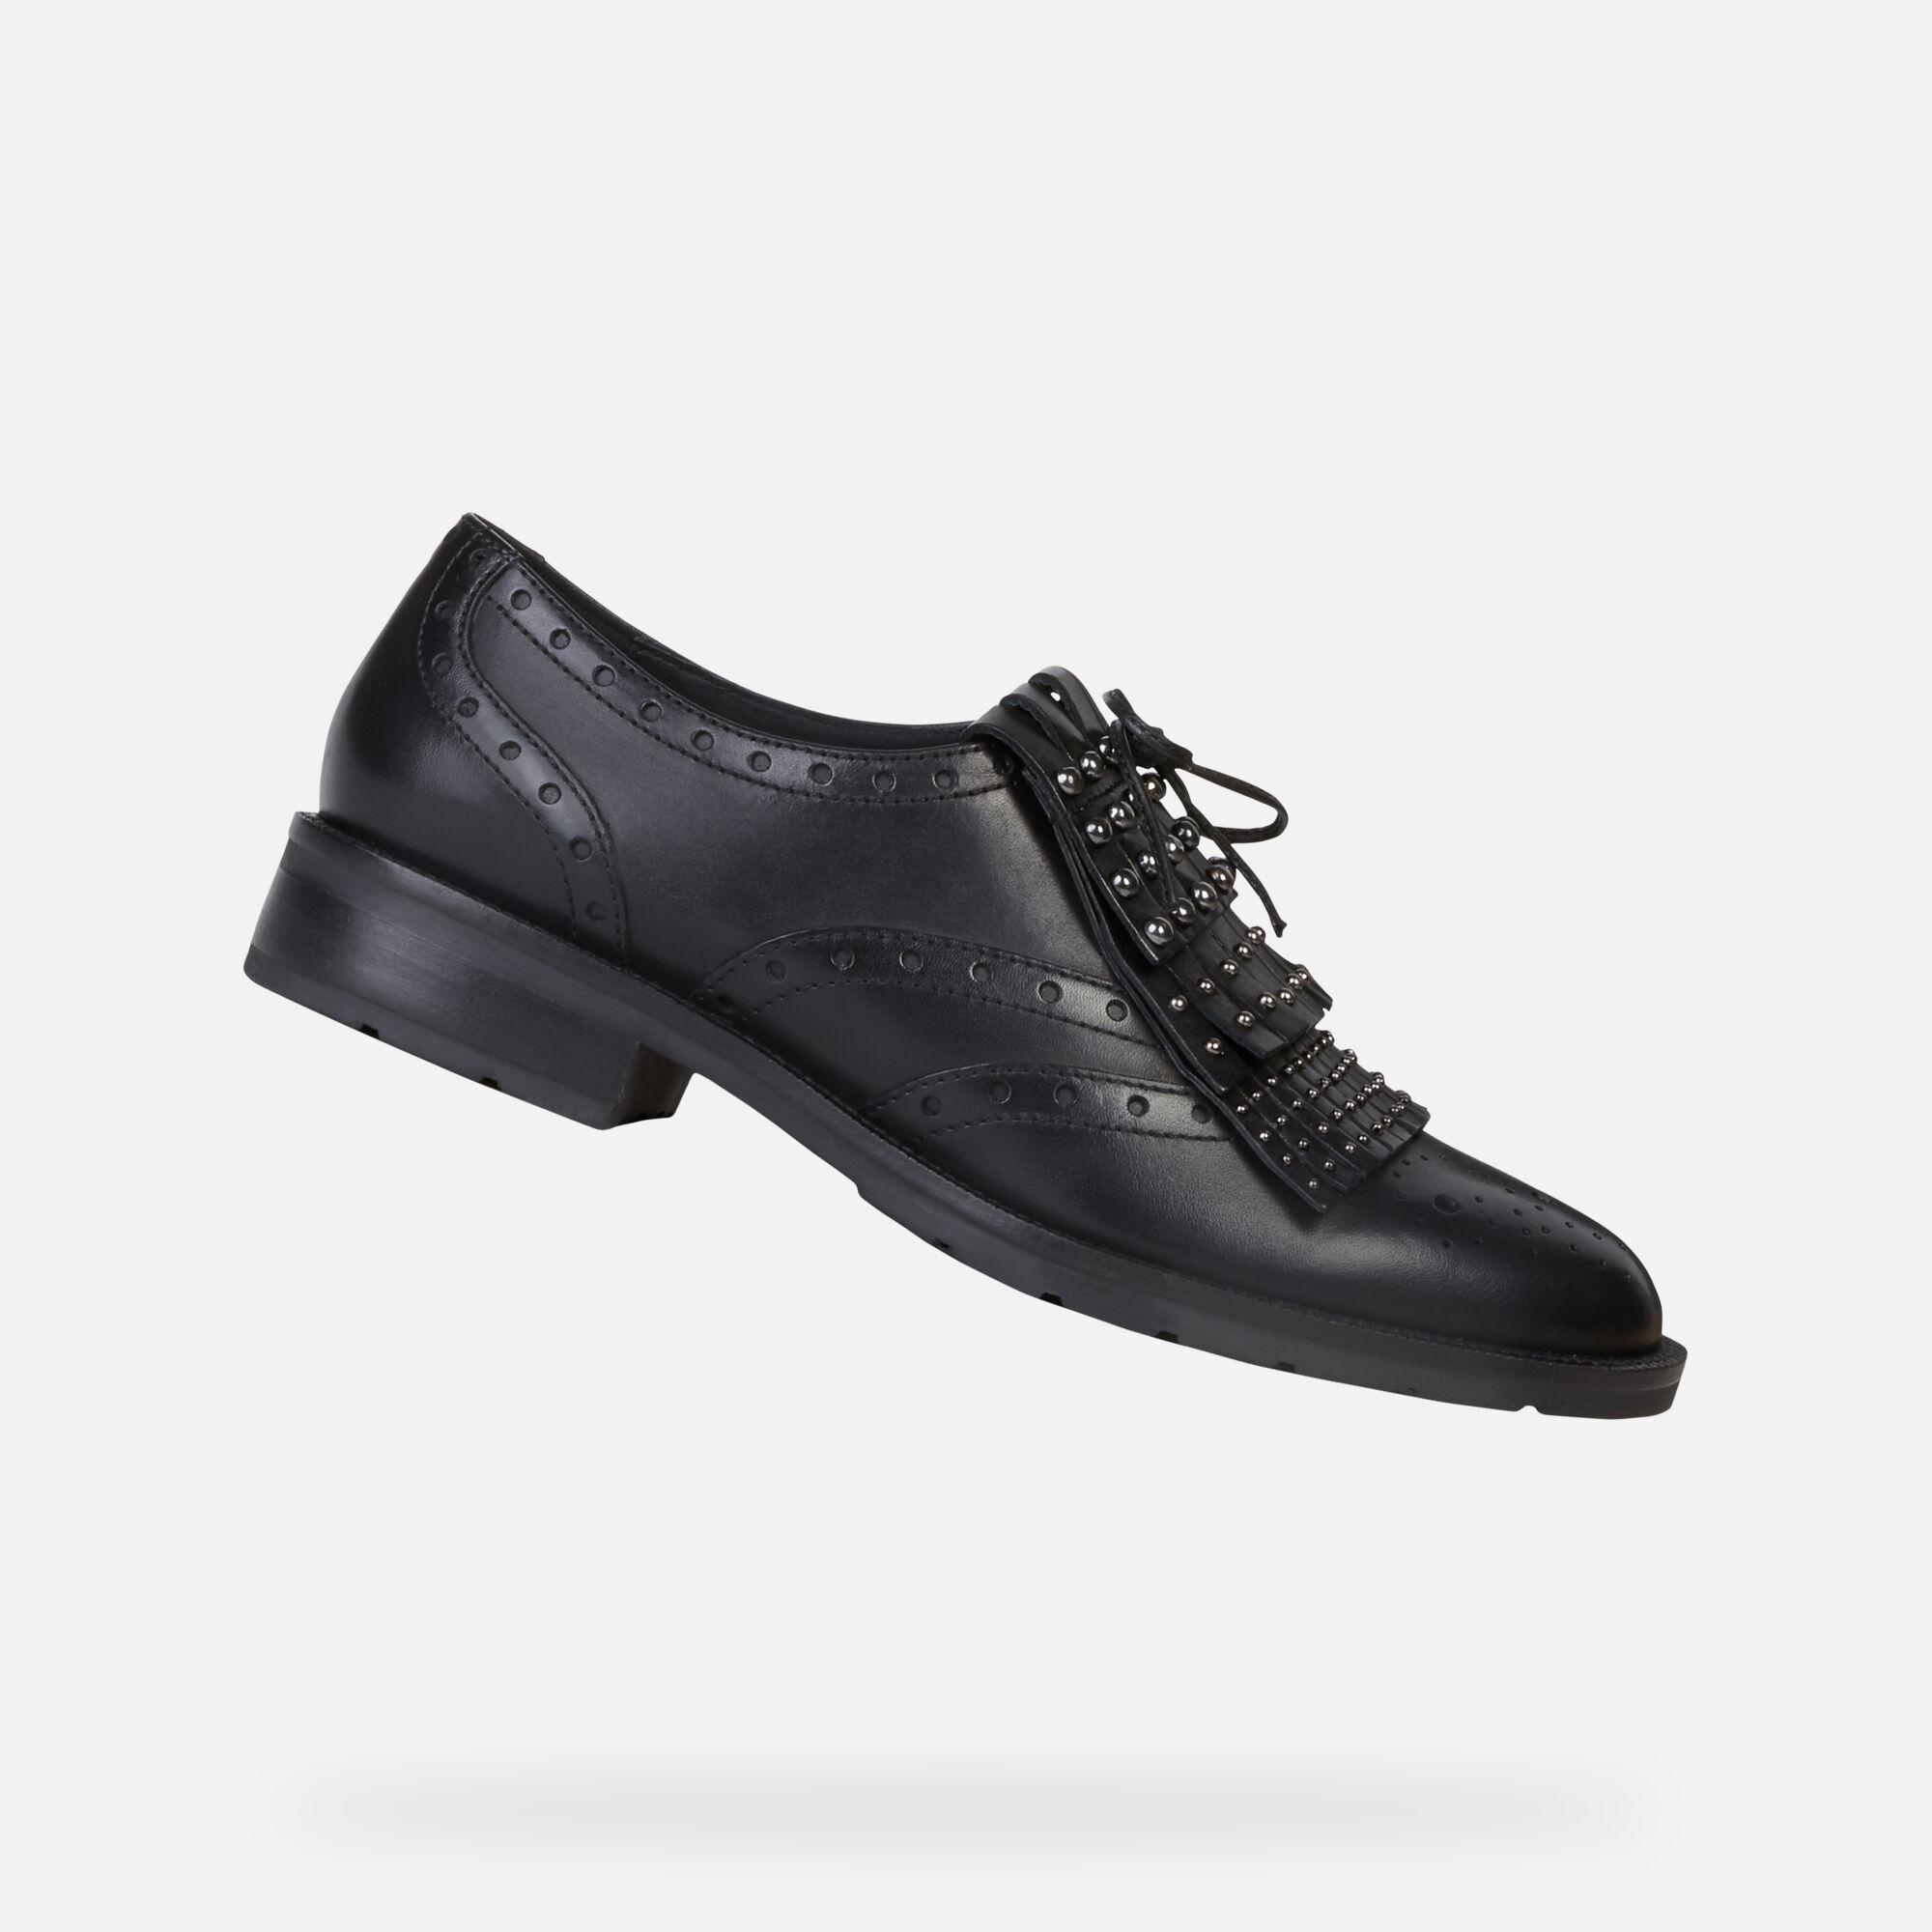 chaussures geox nouveautés